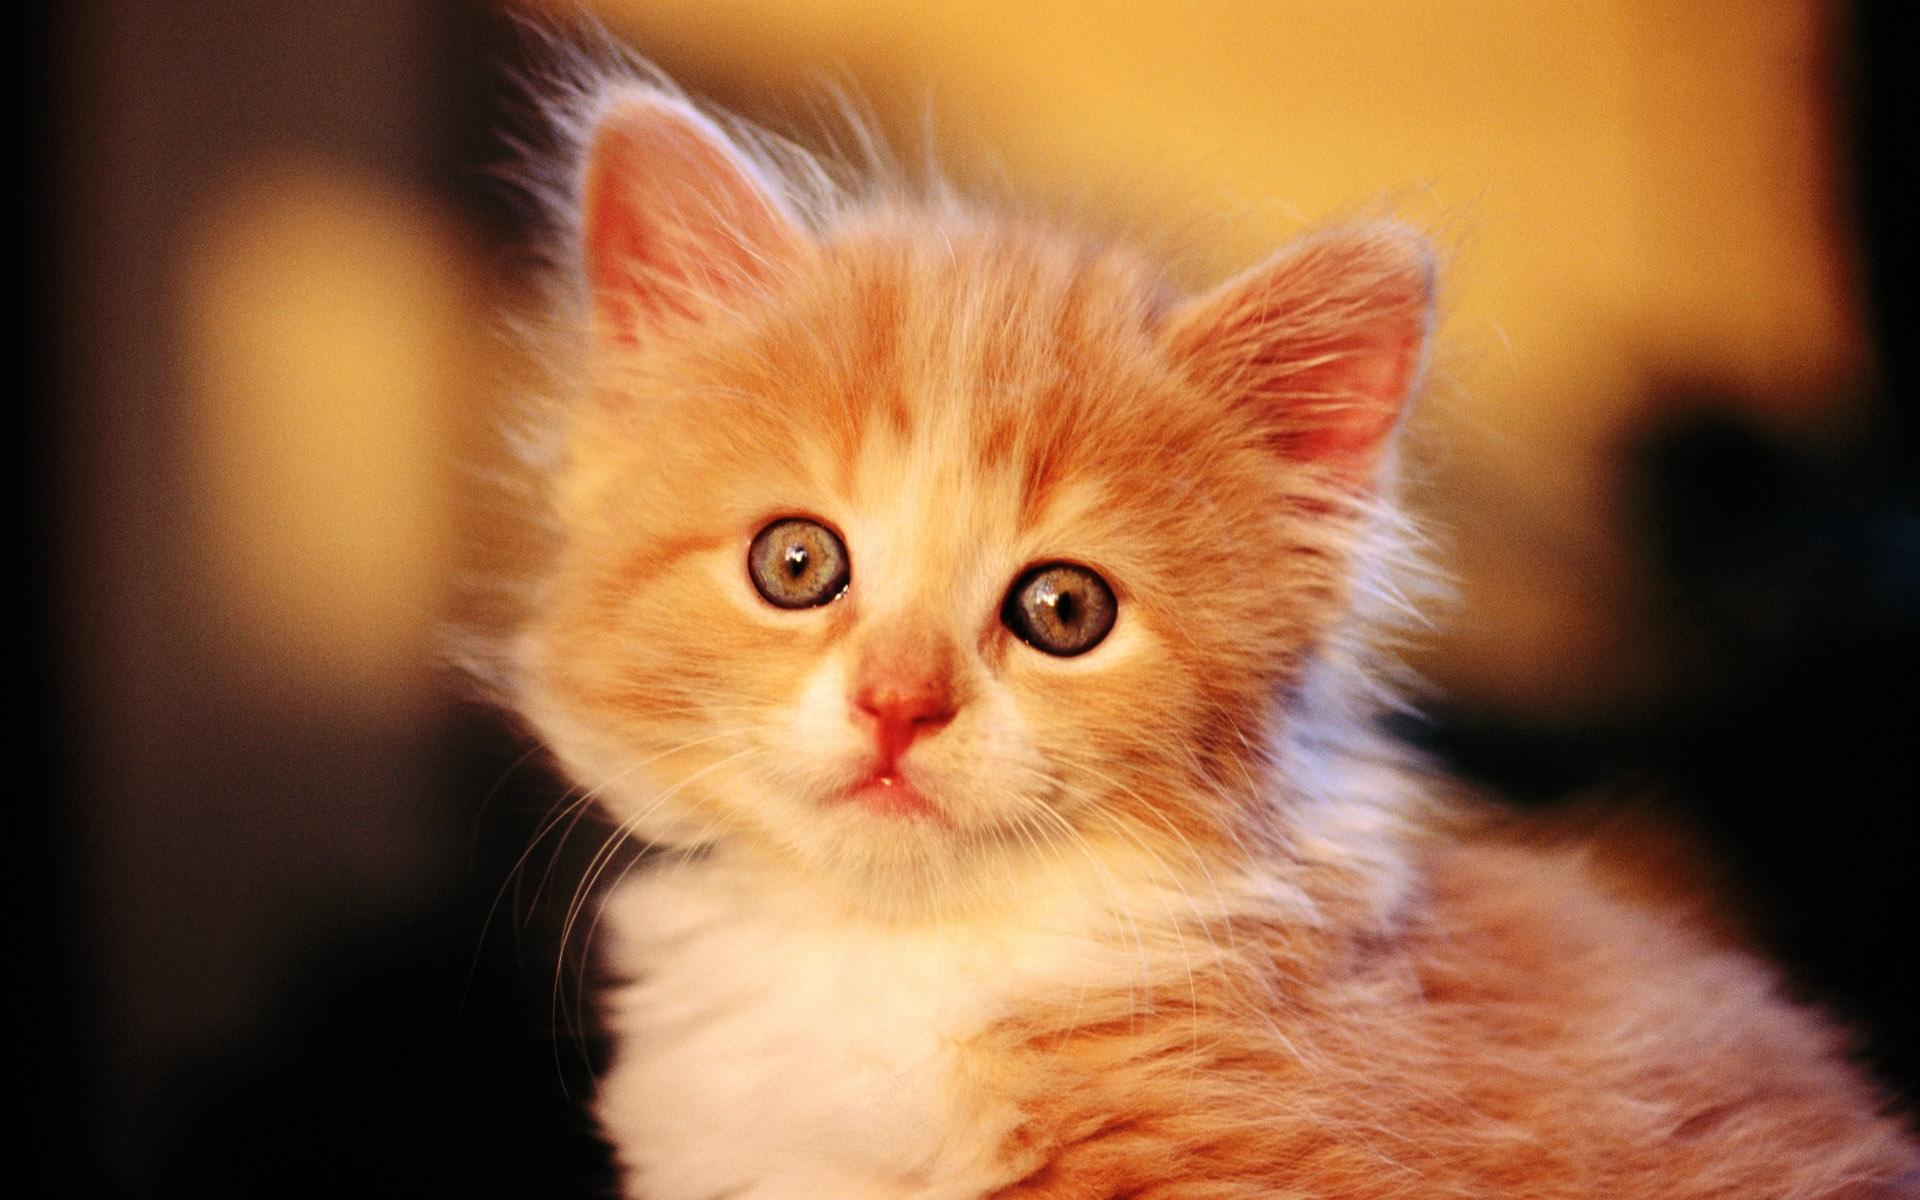 fonds d 39 cran chat mignon peu d 39 orange 1920x1200 hd image. Black Bedroom Furniture Sets. Home Design Ideas